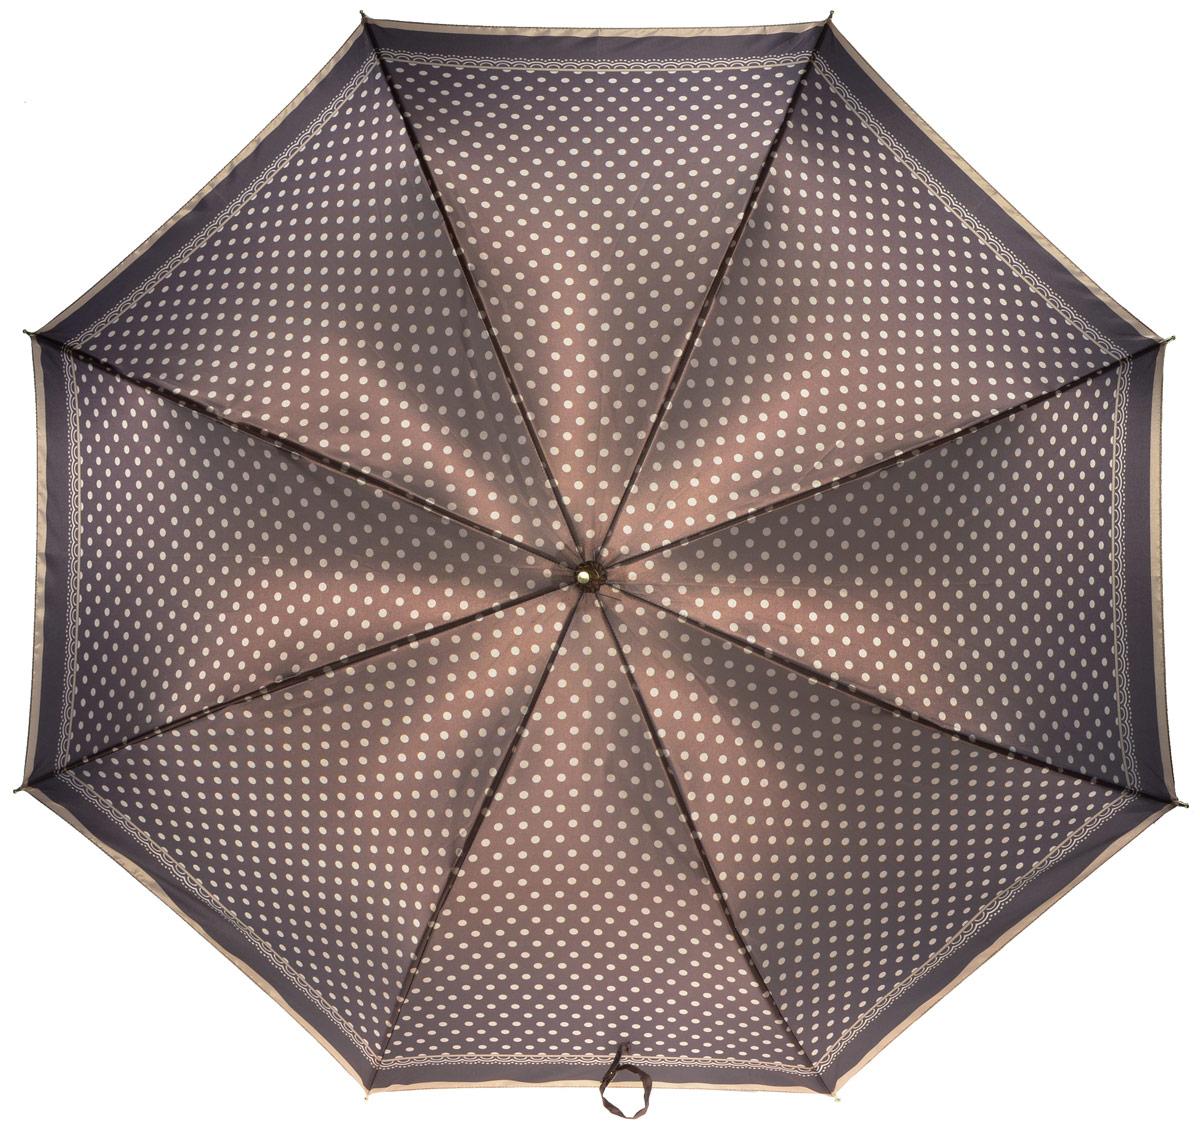 Зонт женский Fabretti, механика, трость, цвет: мультиколор. 16111611Зонт-трость женский Fabrett.Достаточно вместительный купол хорошо укроет вас и от самых сильных осадков.